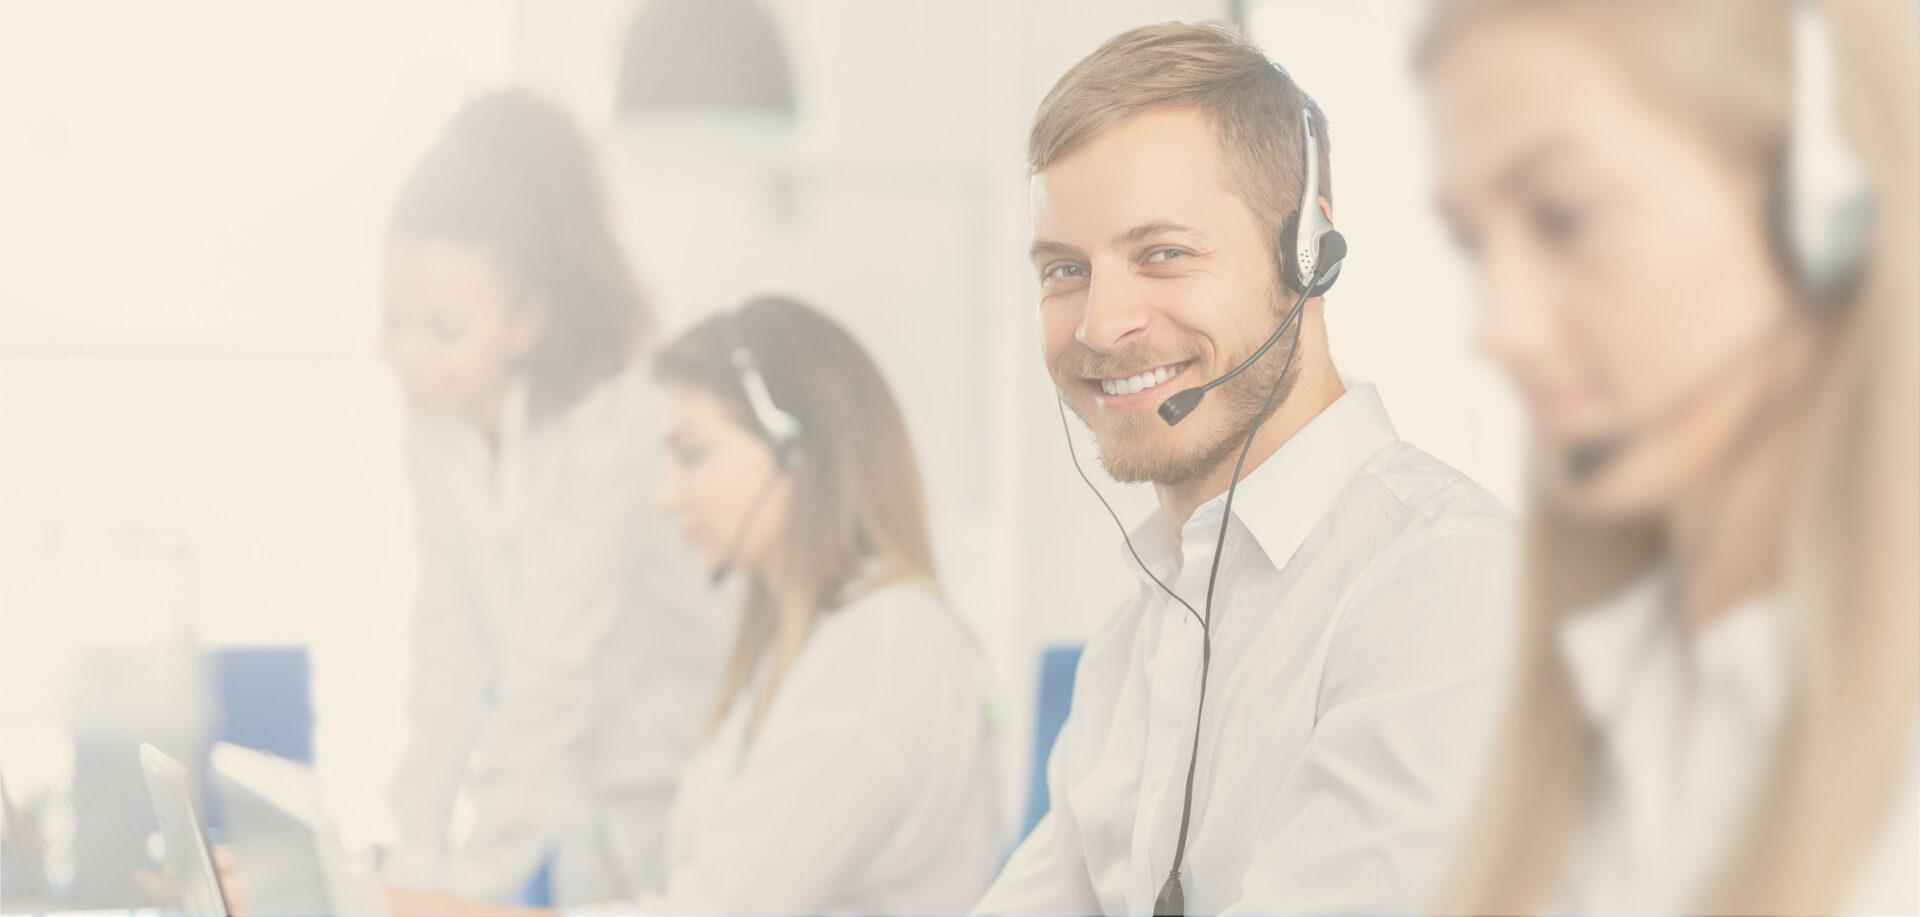 Sales_Assistant_Jobs_MarketDialog